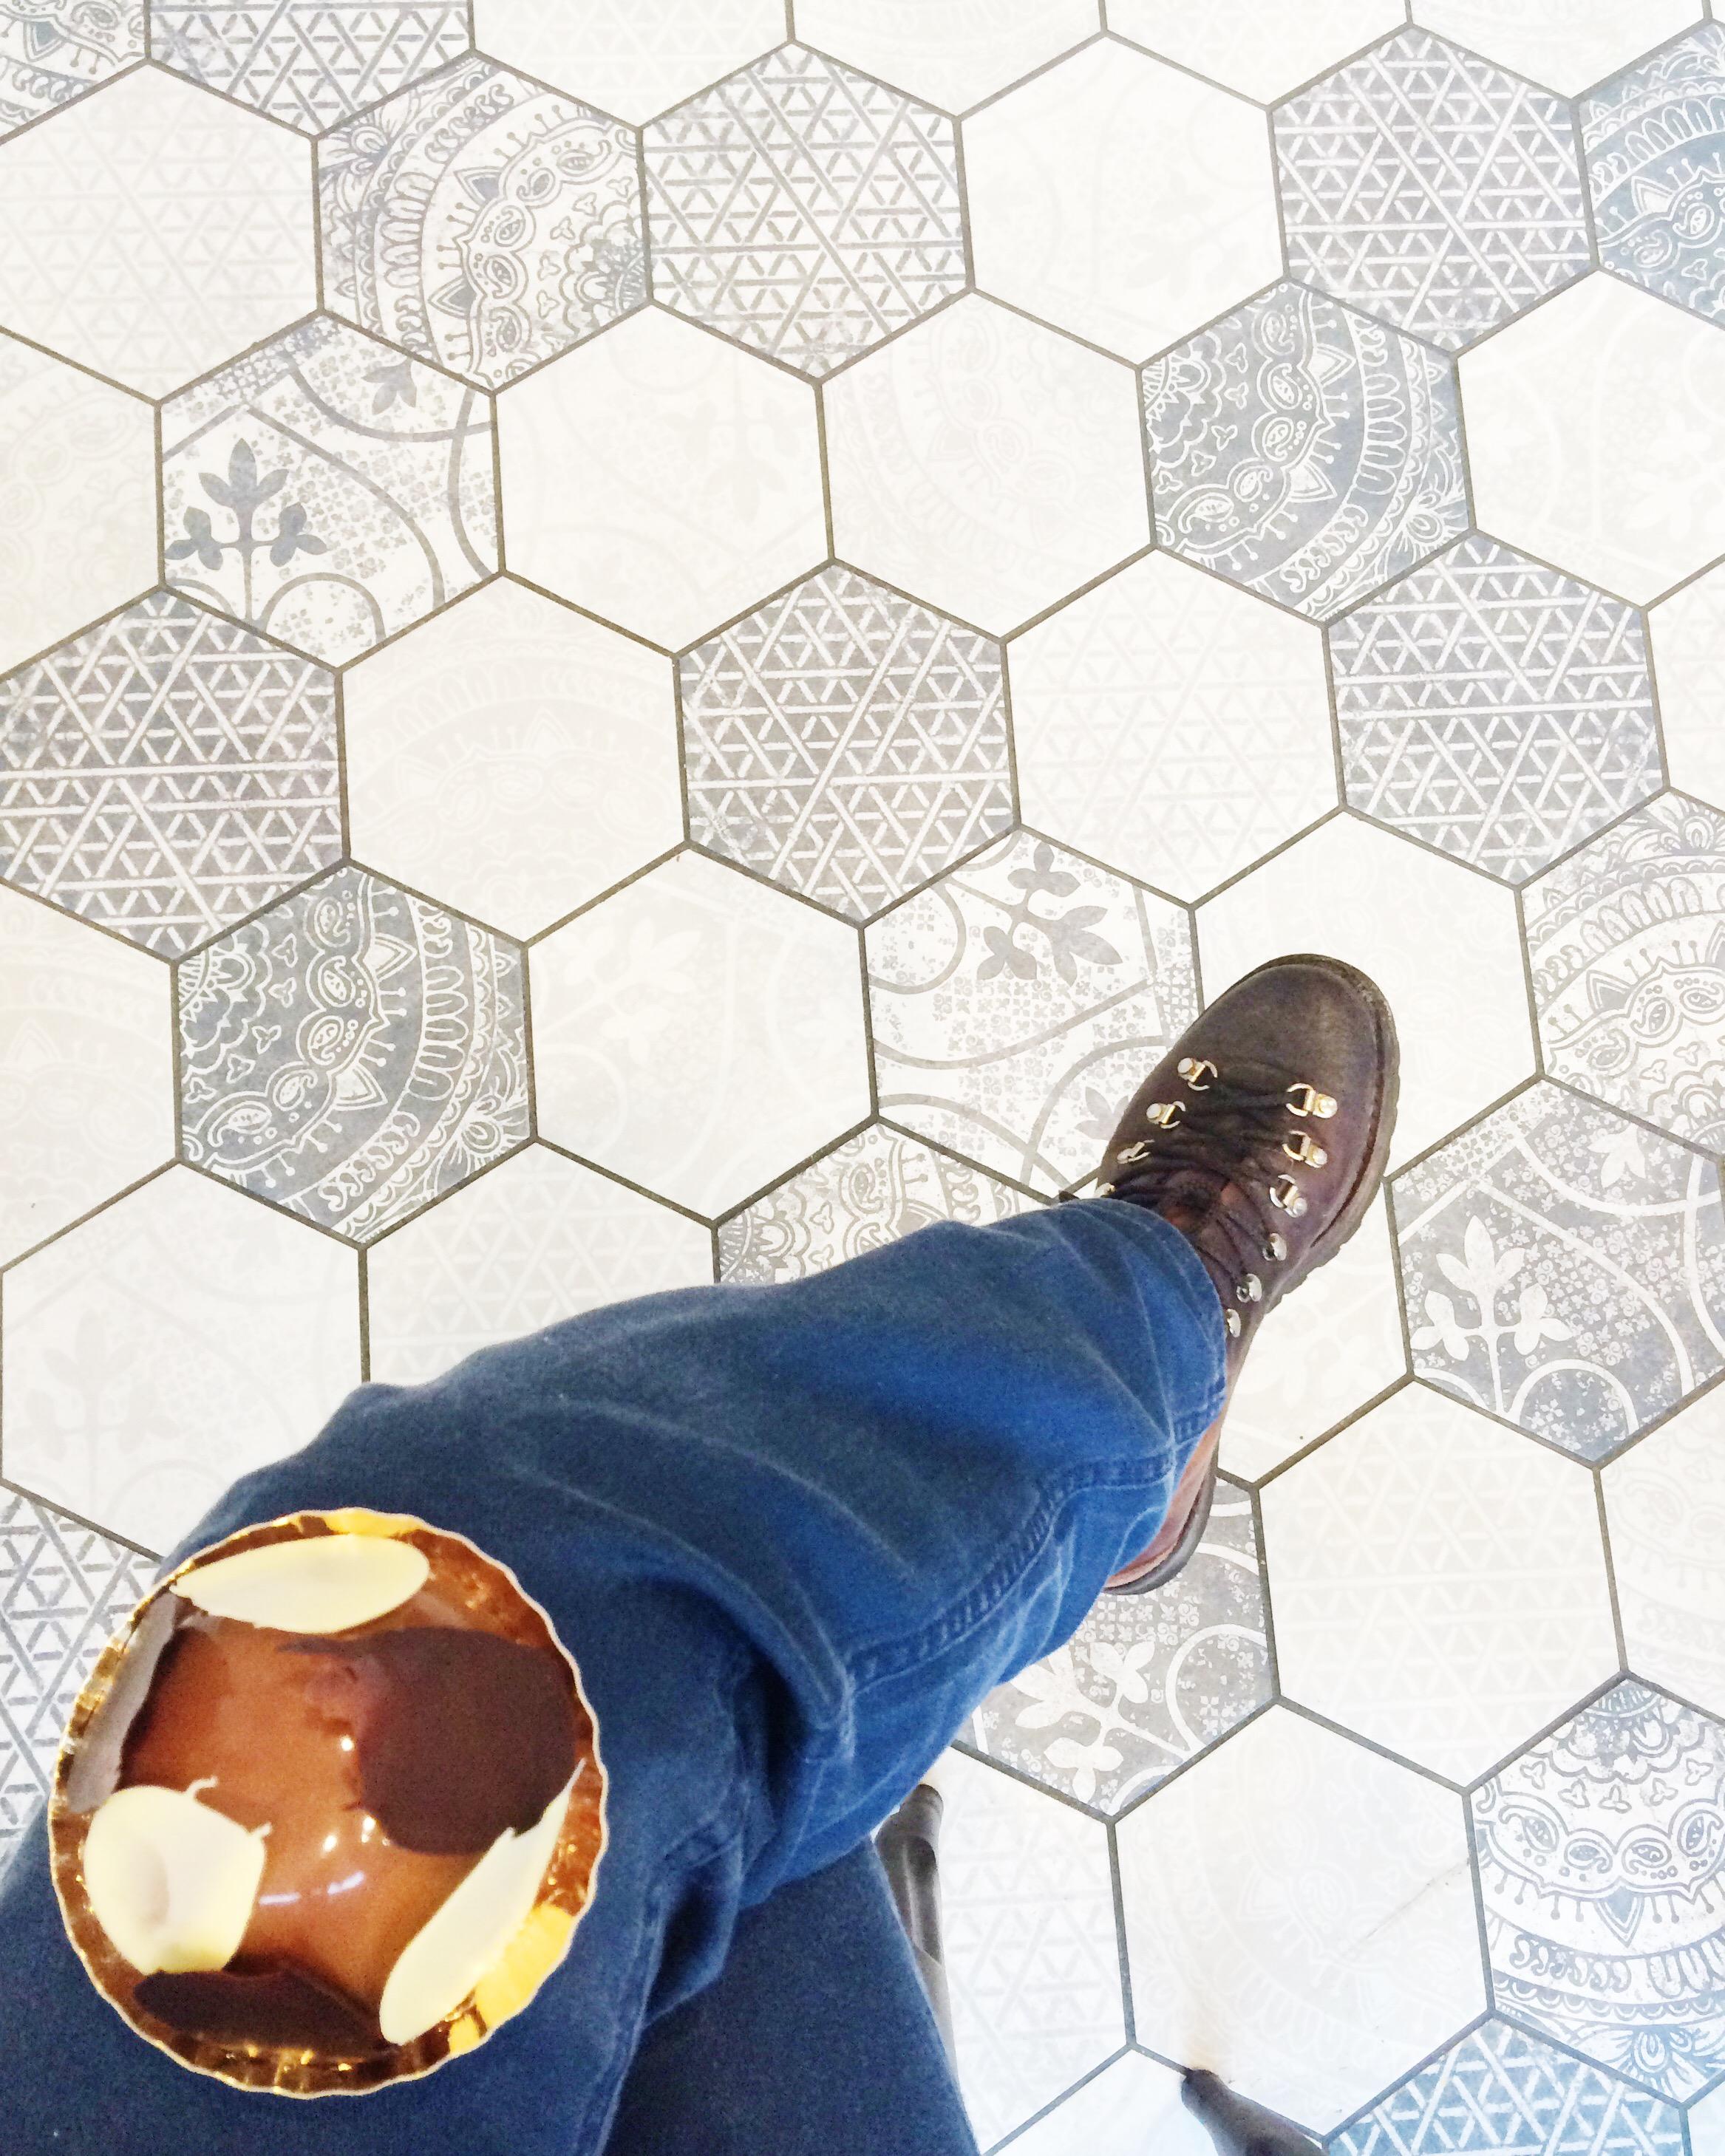 Hexagon Tiles: When You Can't Balance A Ball You Balance A Dome